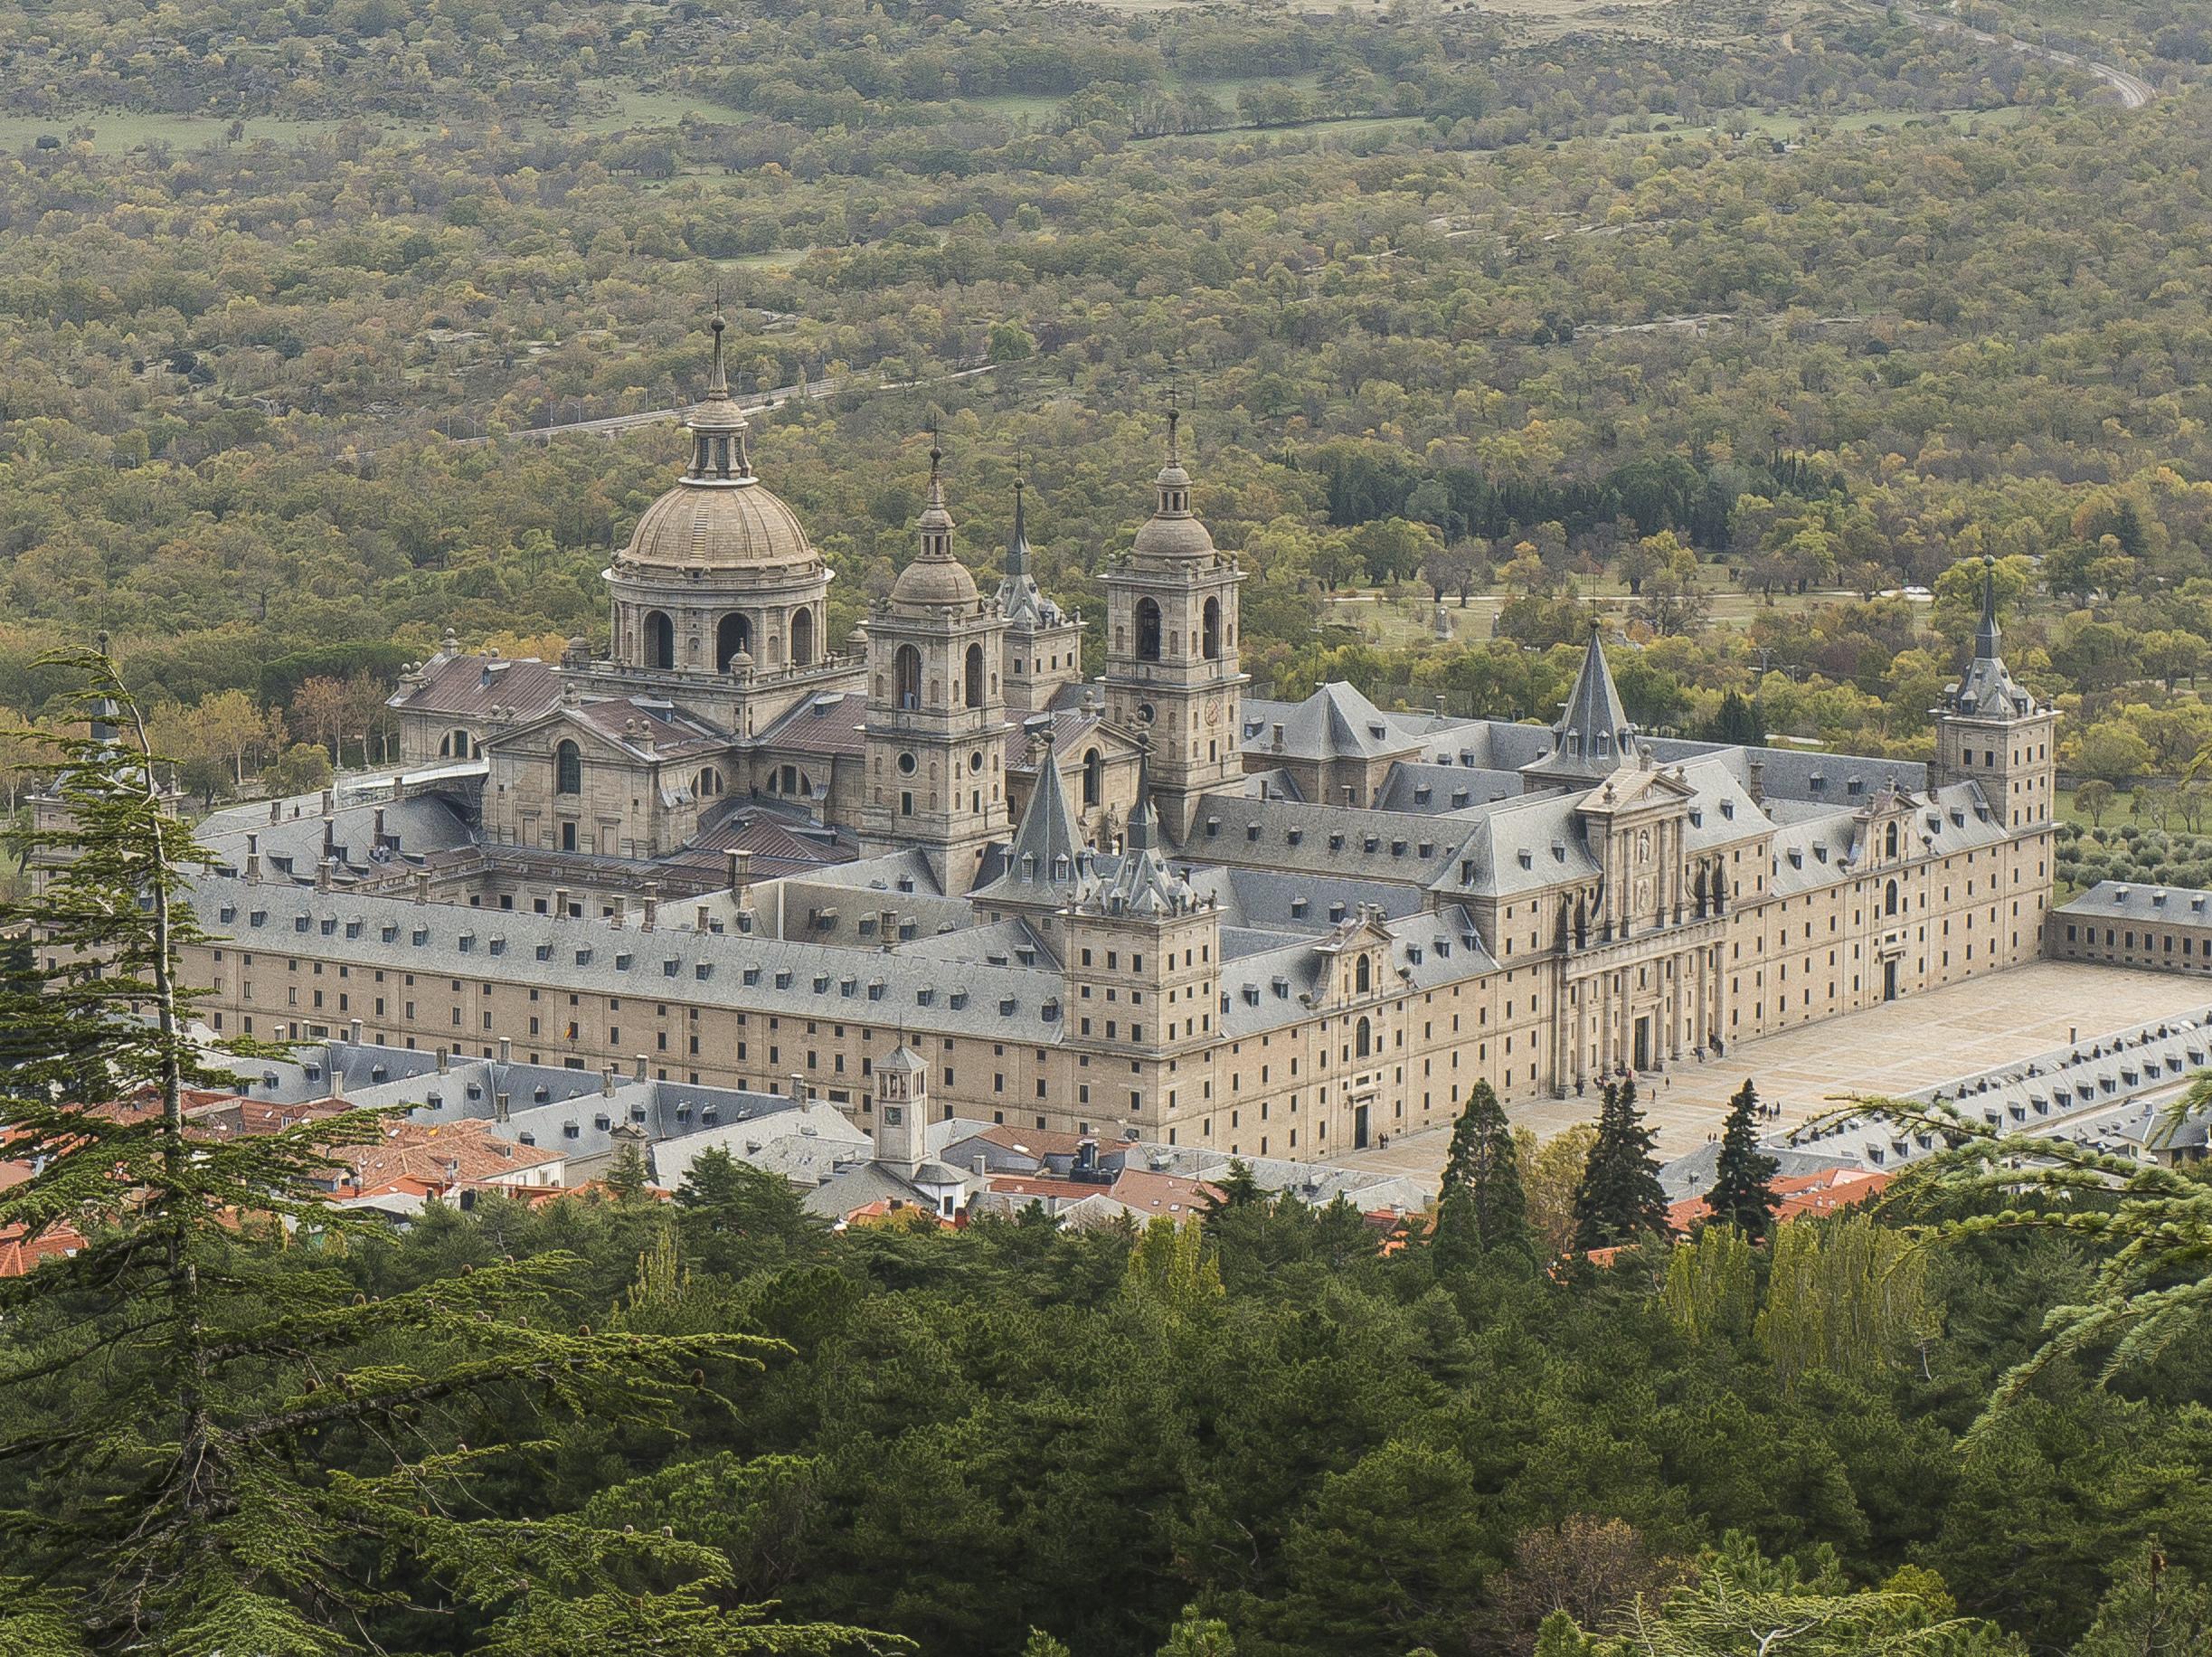 Monasterio De El Escorial Wikipedia La Enciclopedia Libre